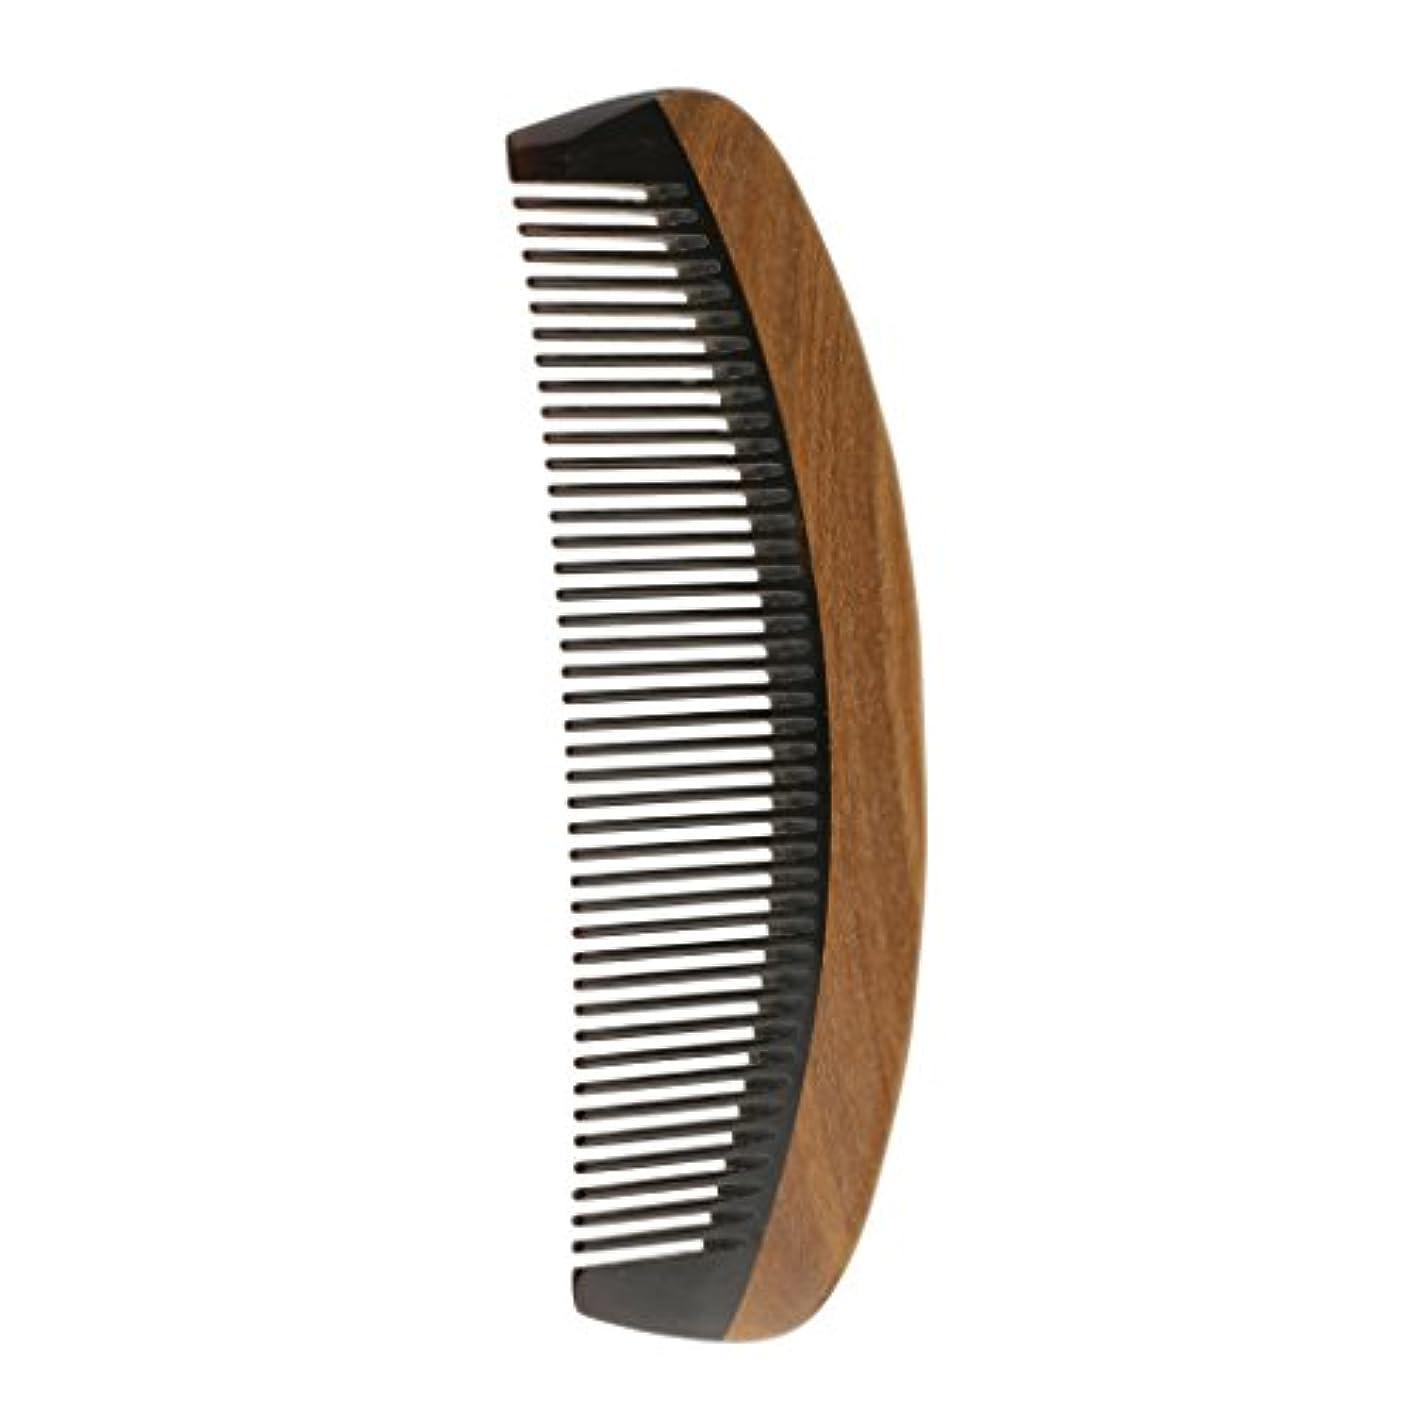 遅らせるヘルメットまとめるウッドコーム 木製 ハンドメイド 櫛 静電気防止 高品質 マッサージ